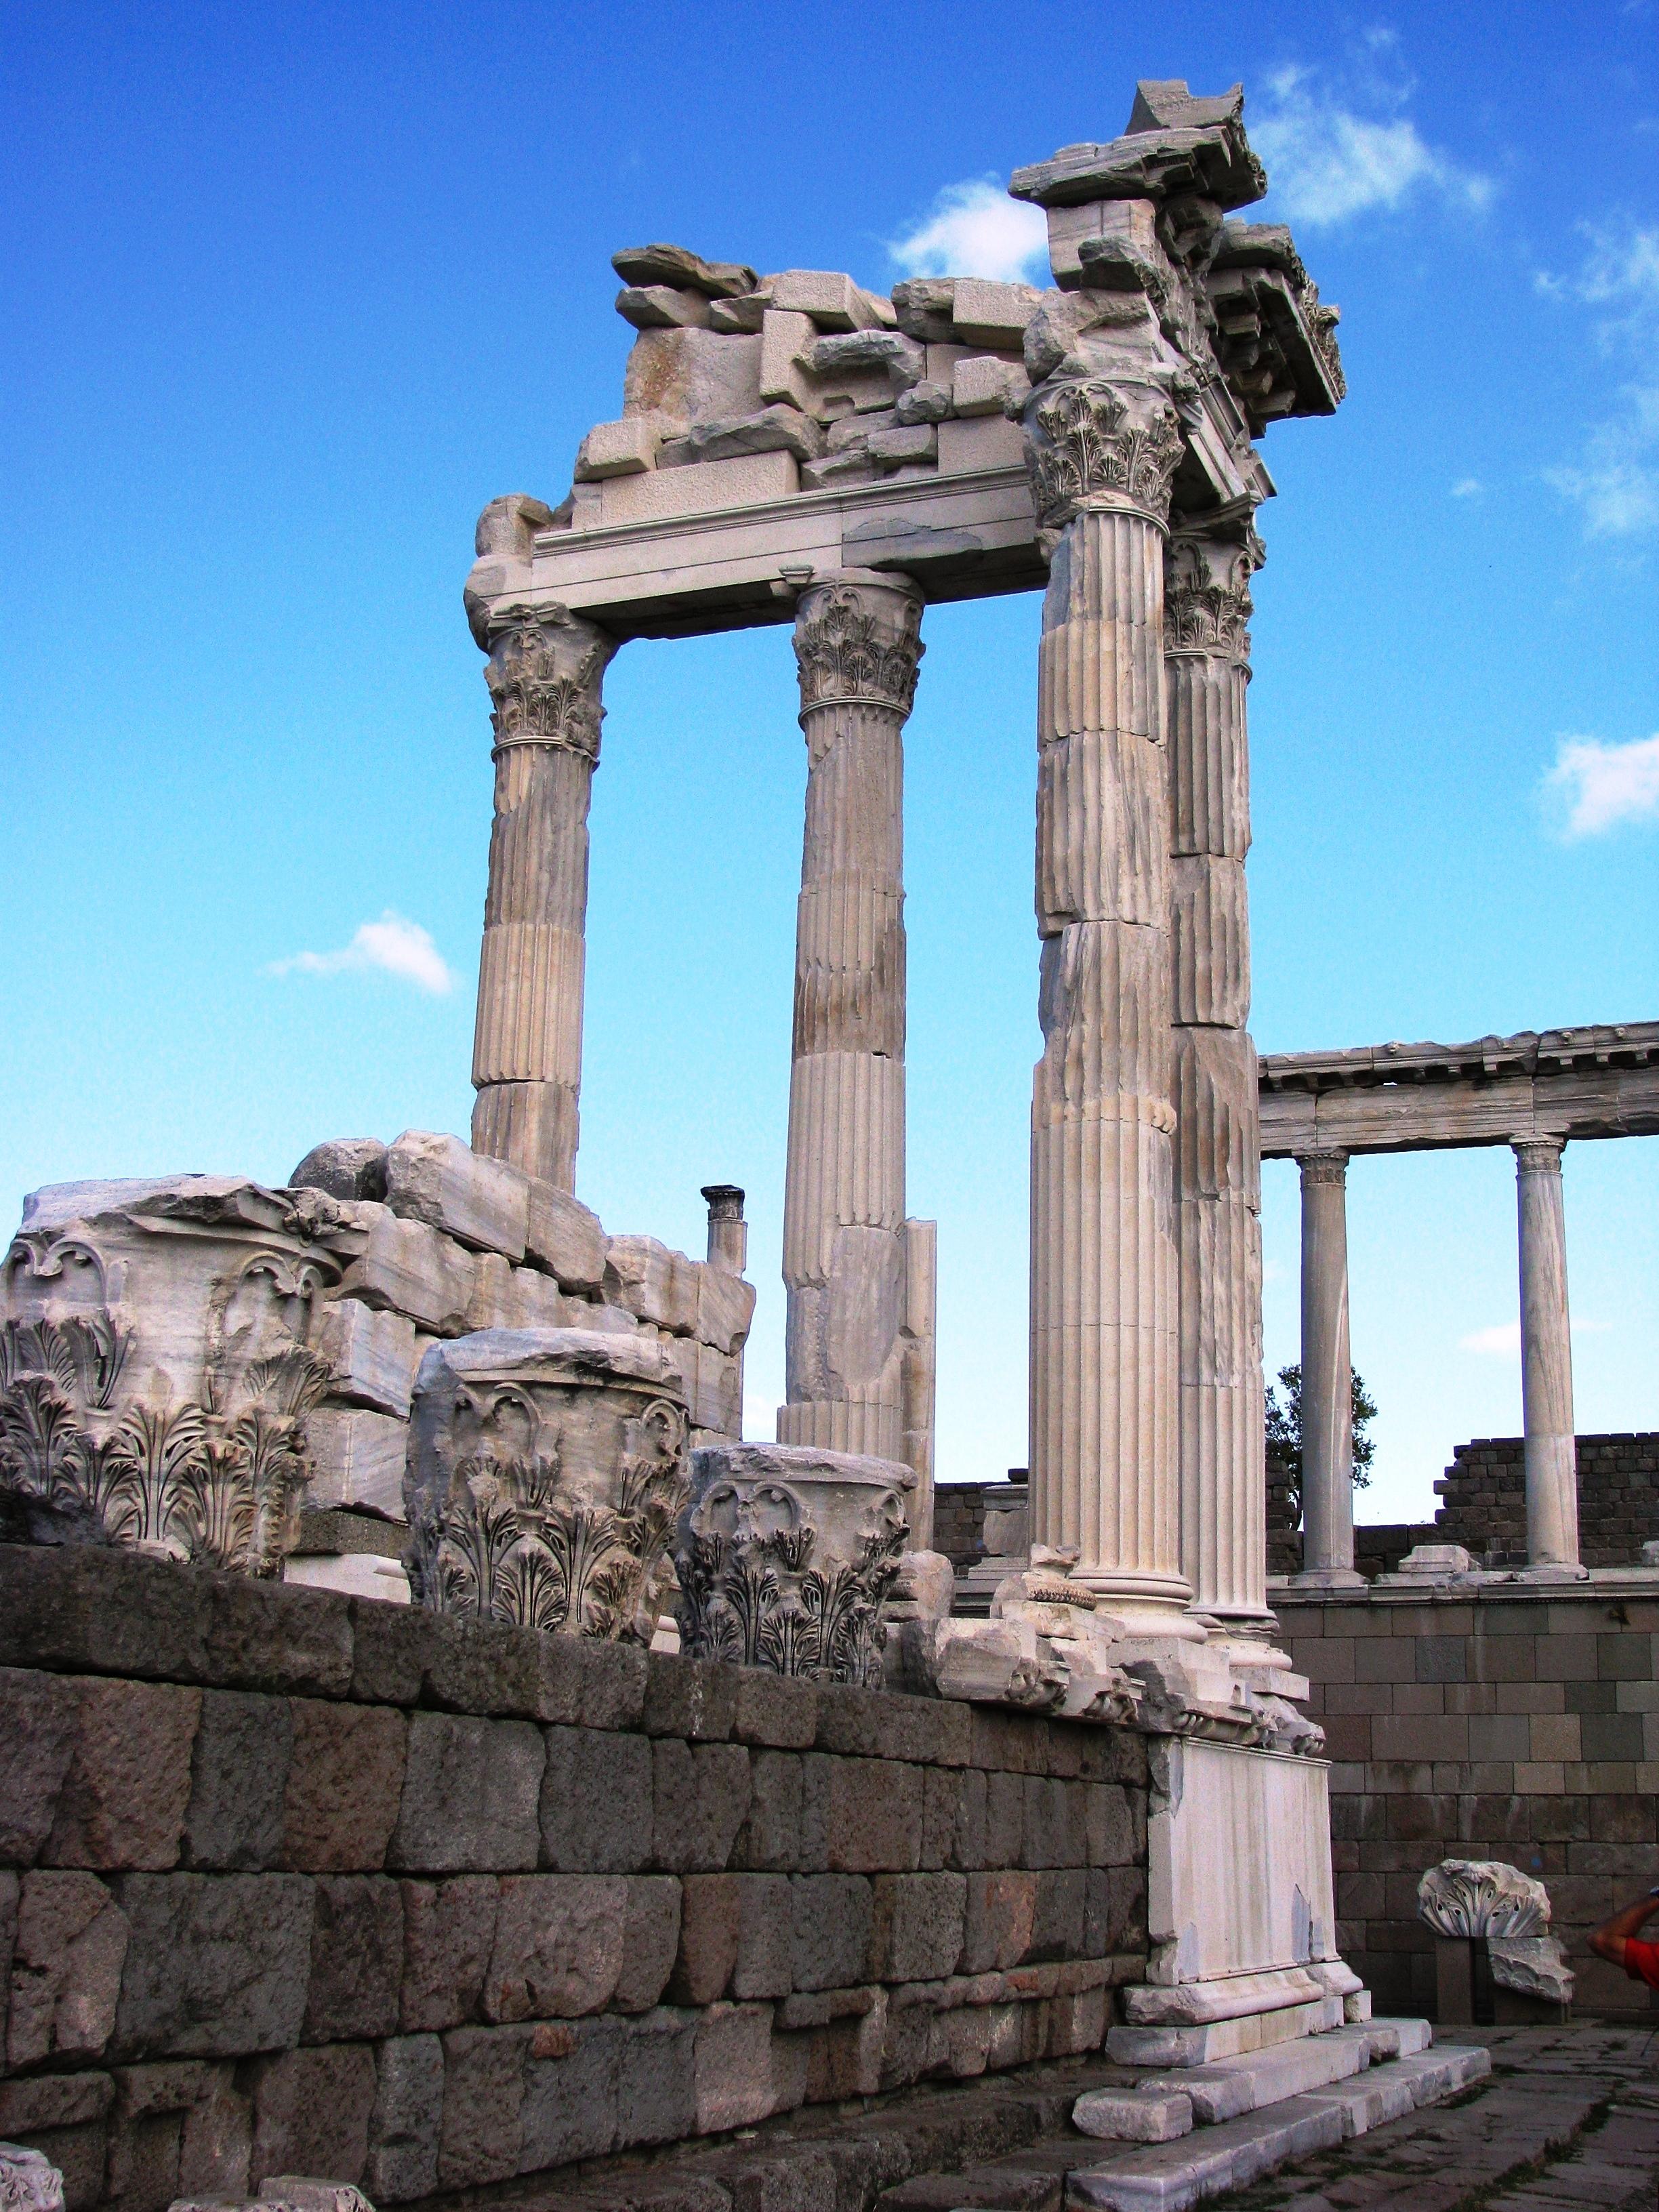 Pergamon Columns